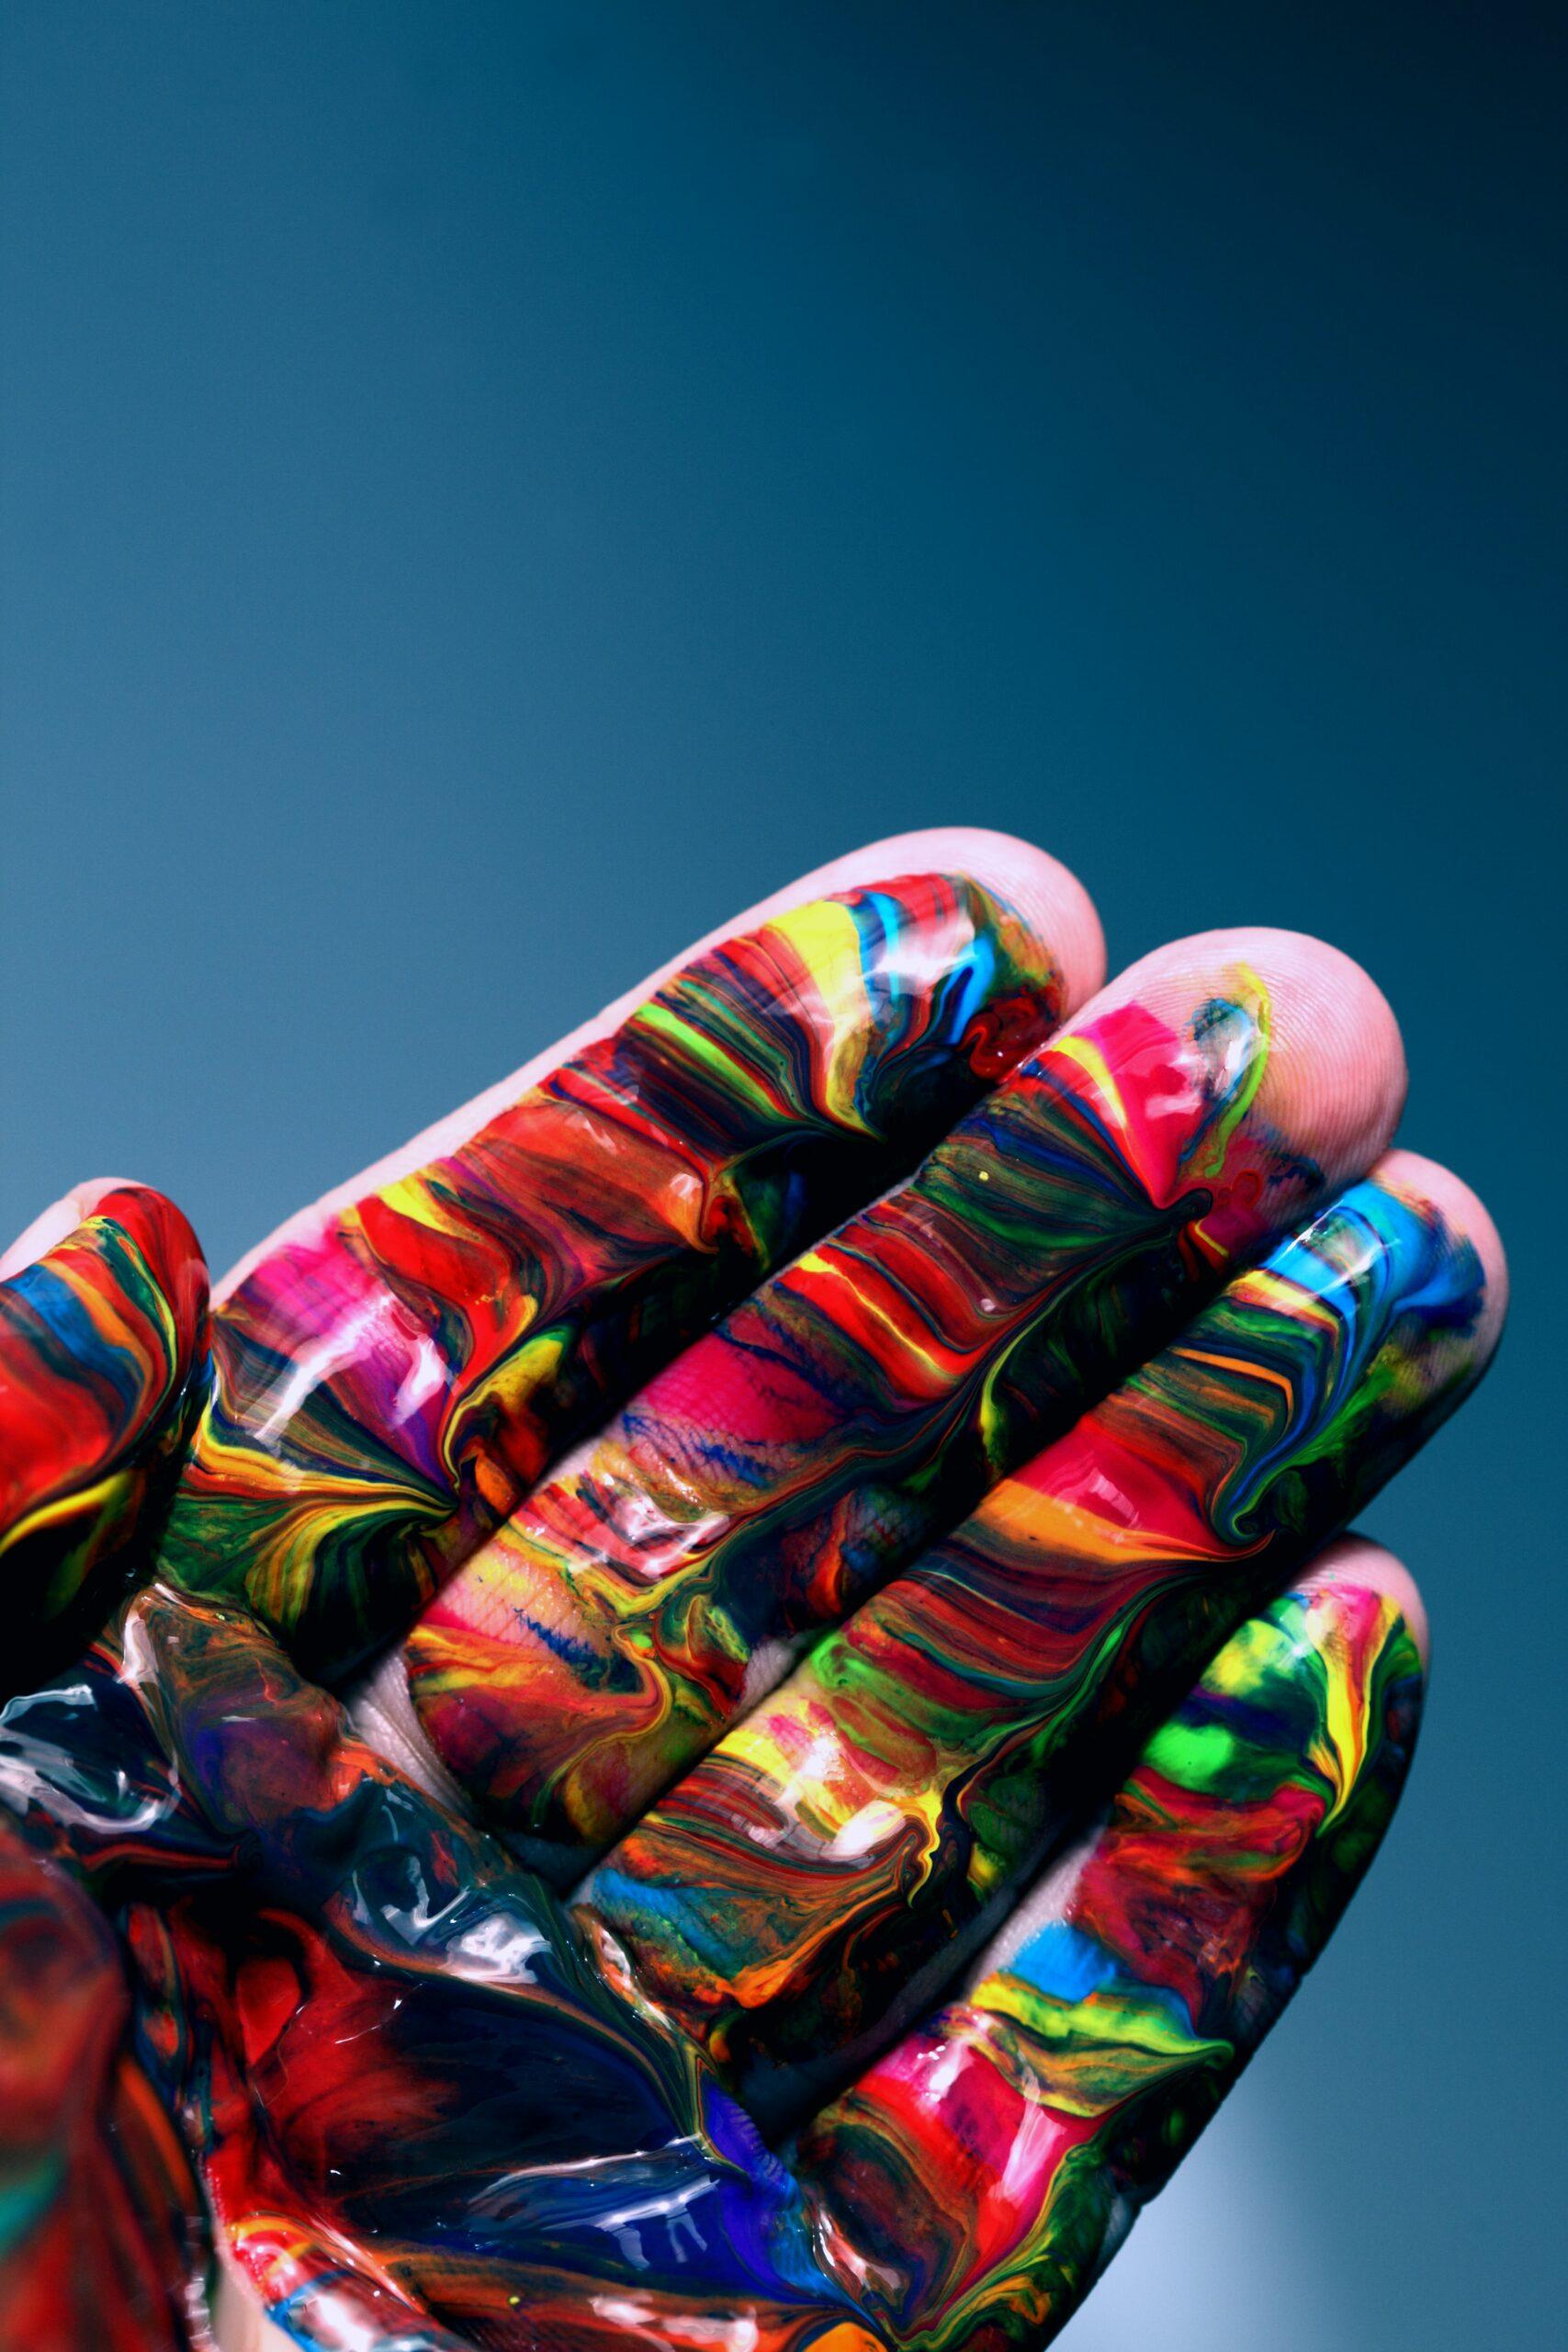 Eine Handinnenfläche. Sie ist komplett mit flüssiger Farbe in vielen verschiedenen Farbtönen bedeckt.